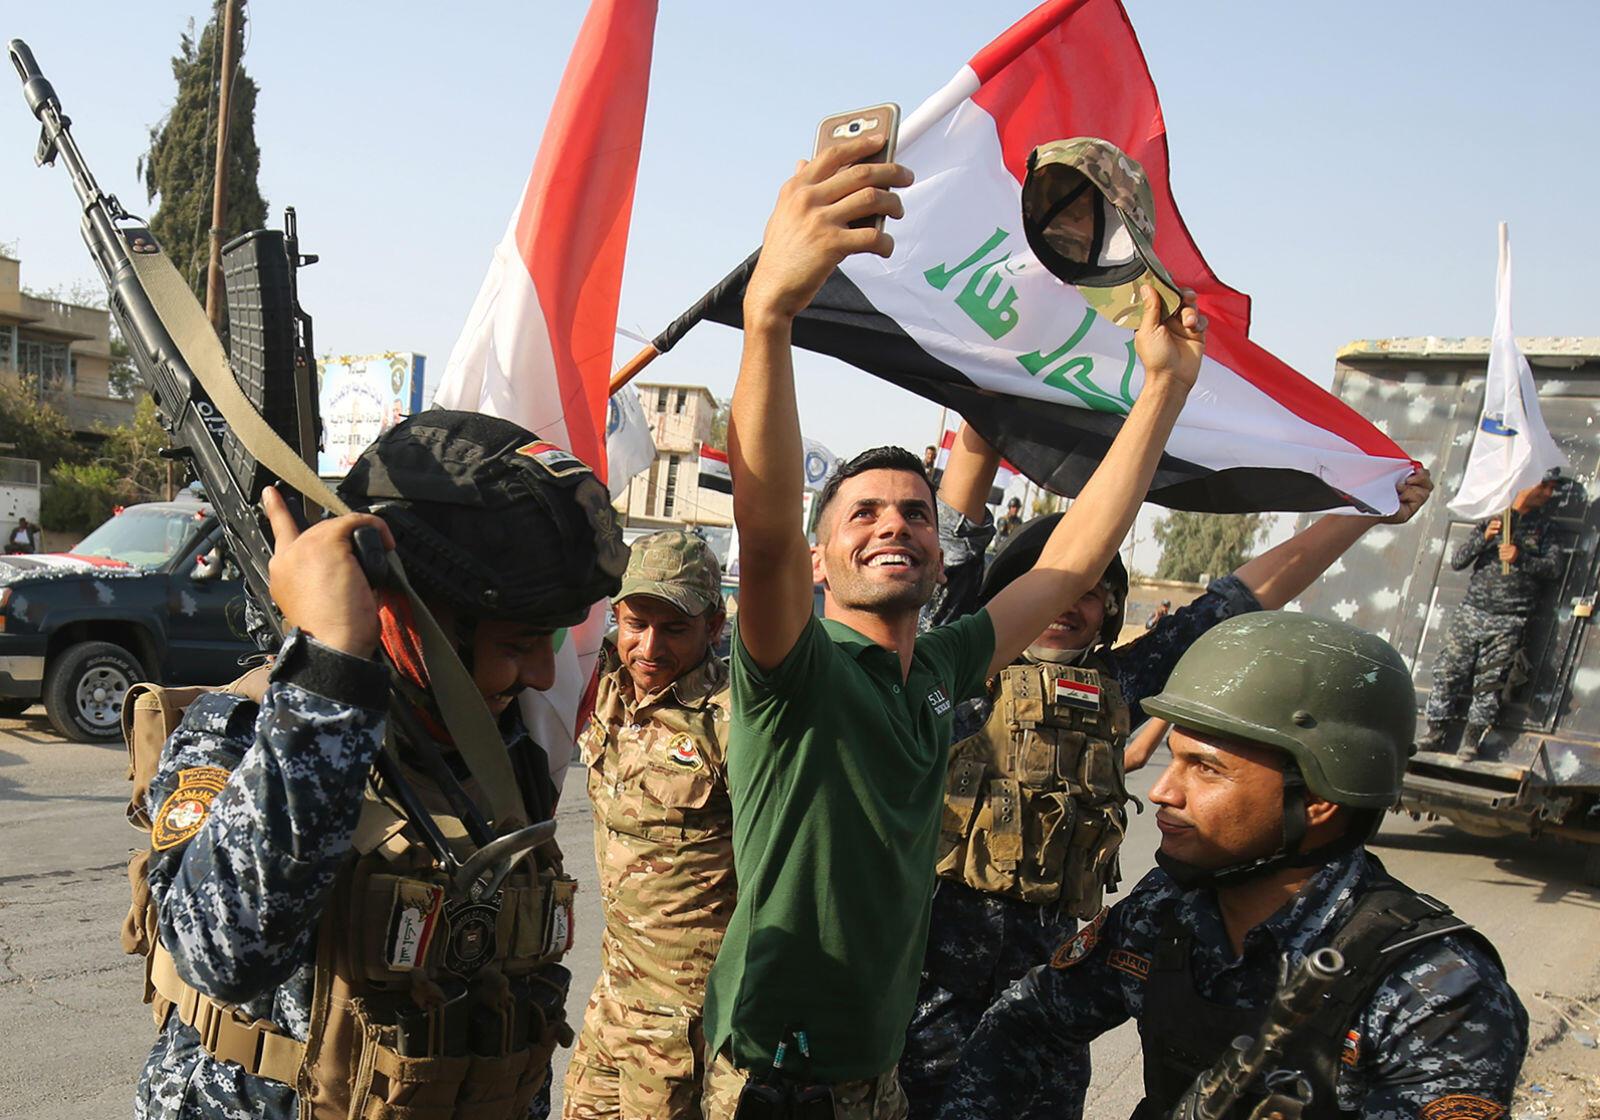 Des habitants de Mossoul ont fêté la victoire de l'armée irakienne contre les jihadistes de l'organisation de l'État islamique, le 9 juillet 2017.